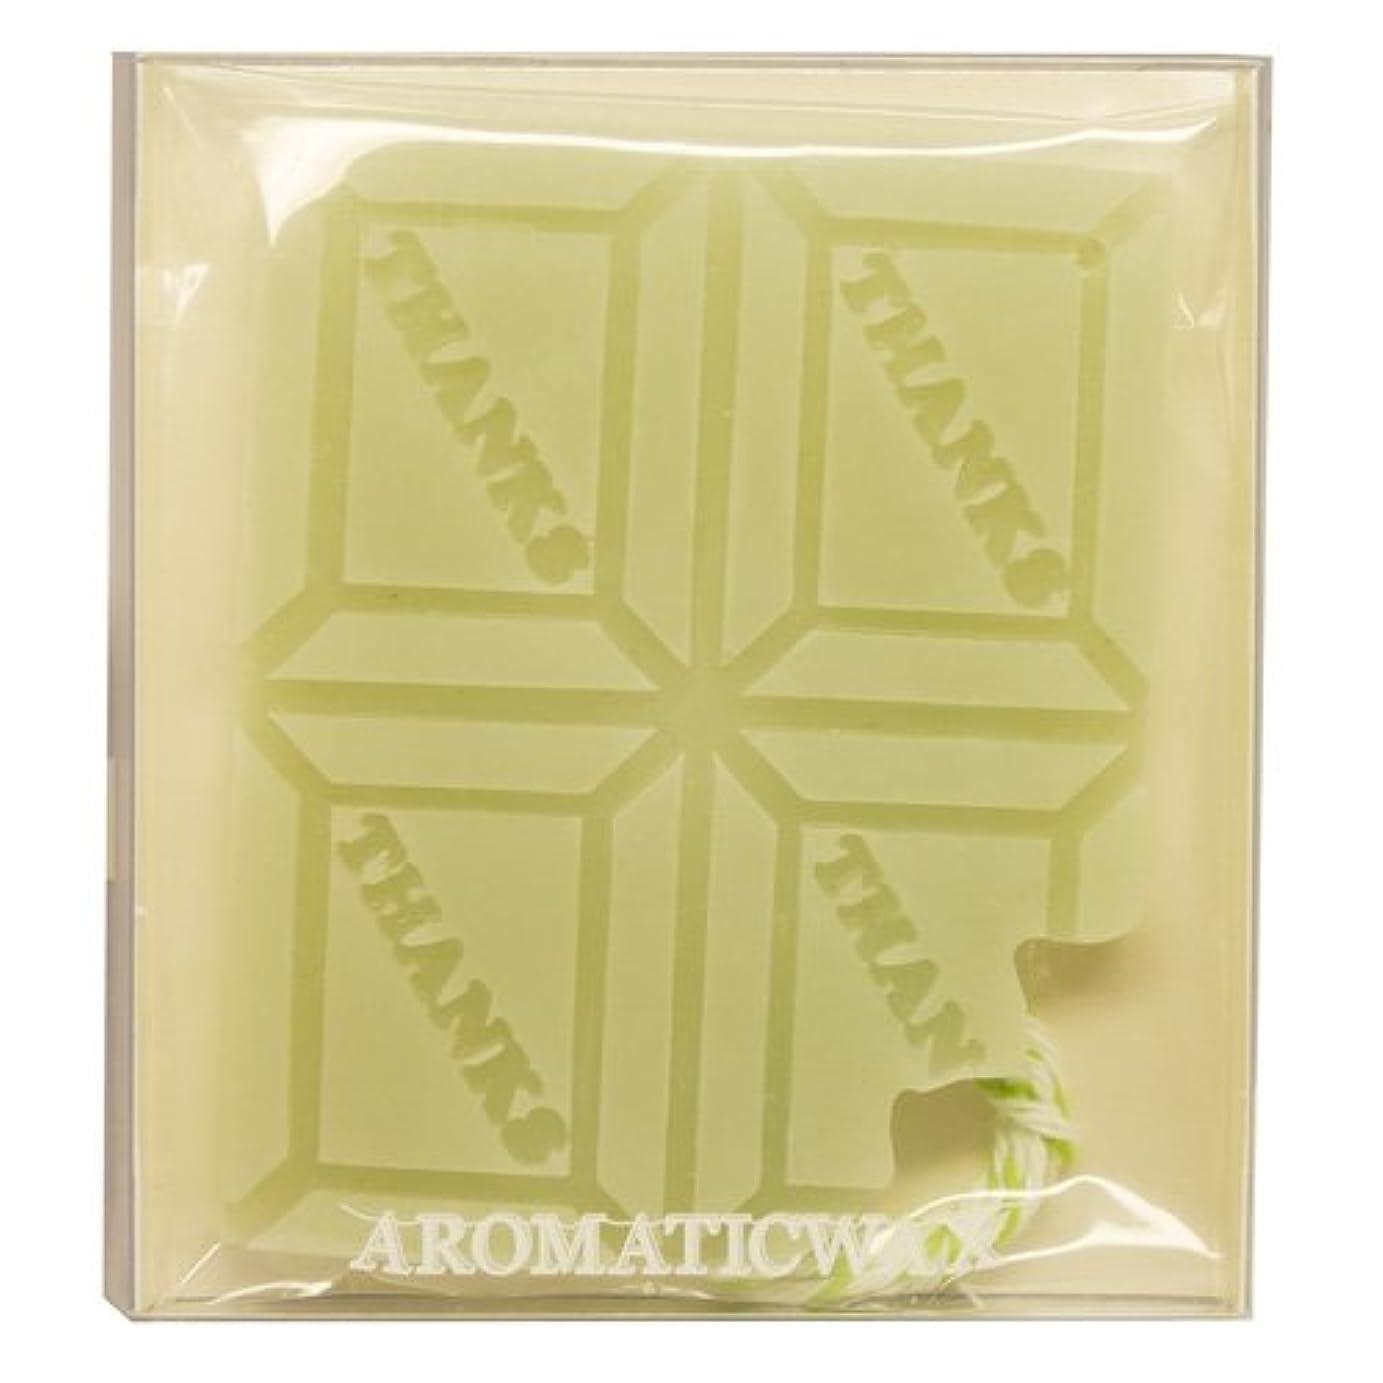 ネックレット入口ブランデーGRASSE TOKYO AROMATICWAXチャーム「板チョコ(THANKS)」(GR) レモングラス アロマティックワックス グラーストウキョウ